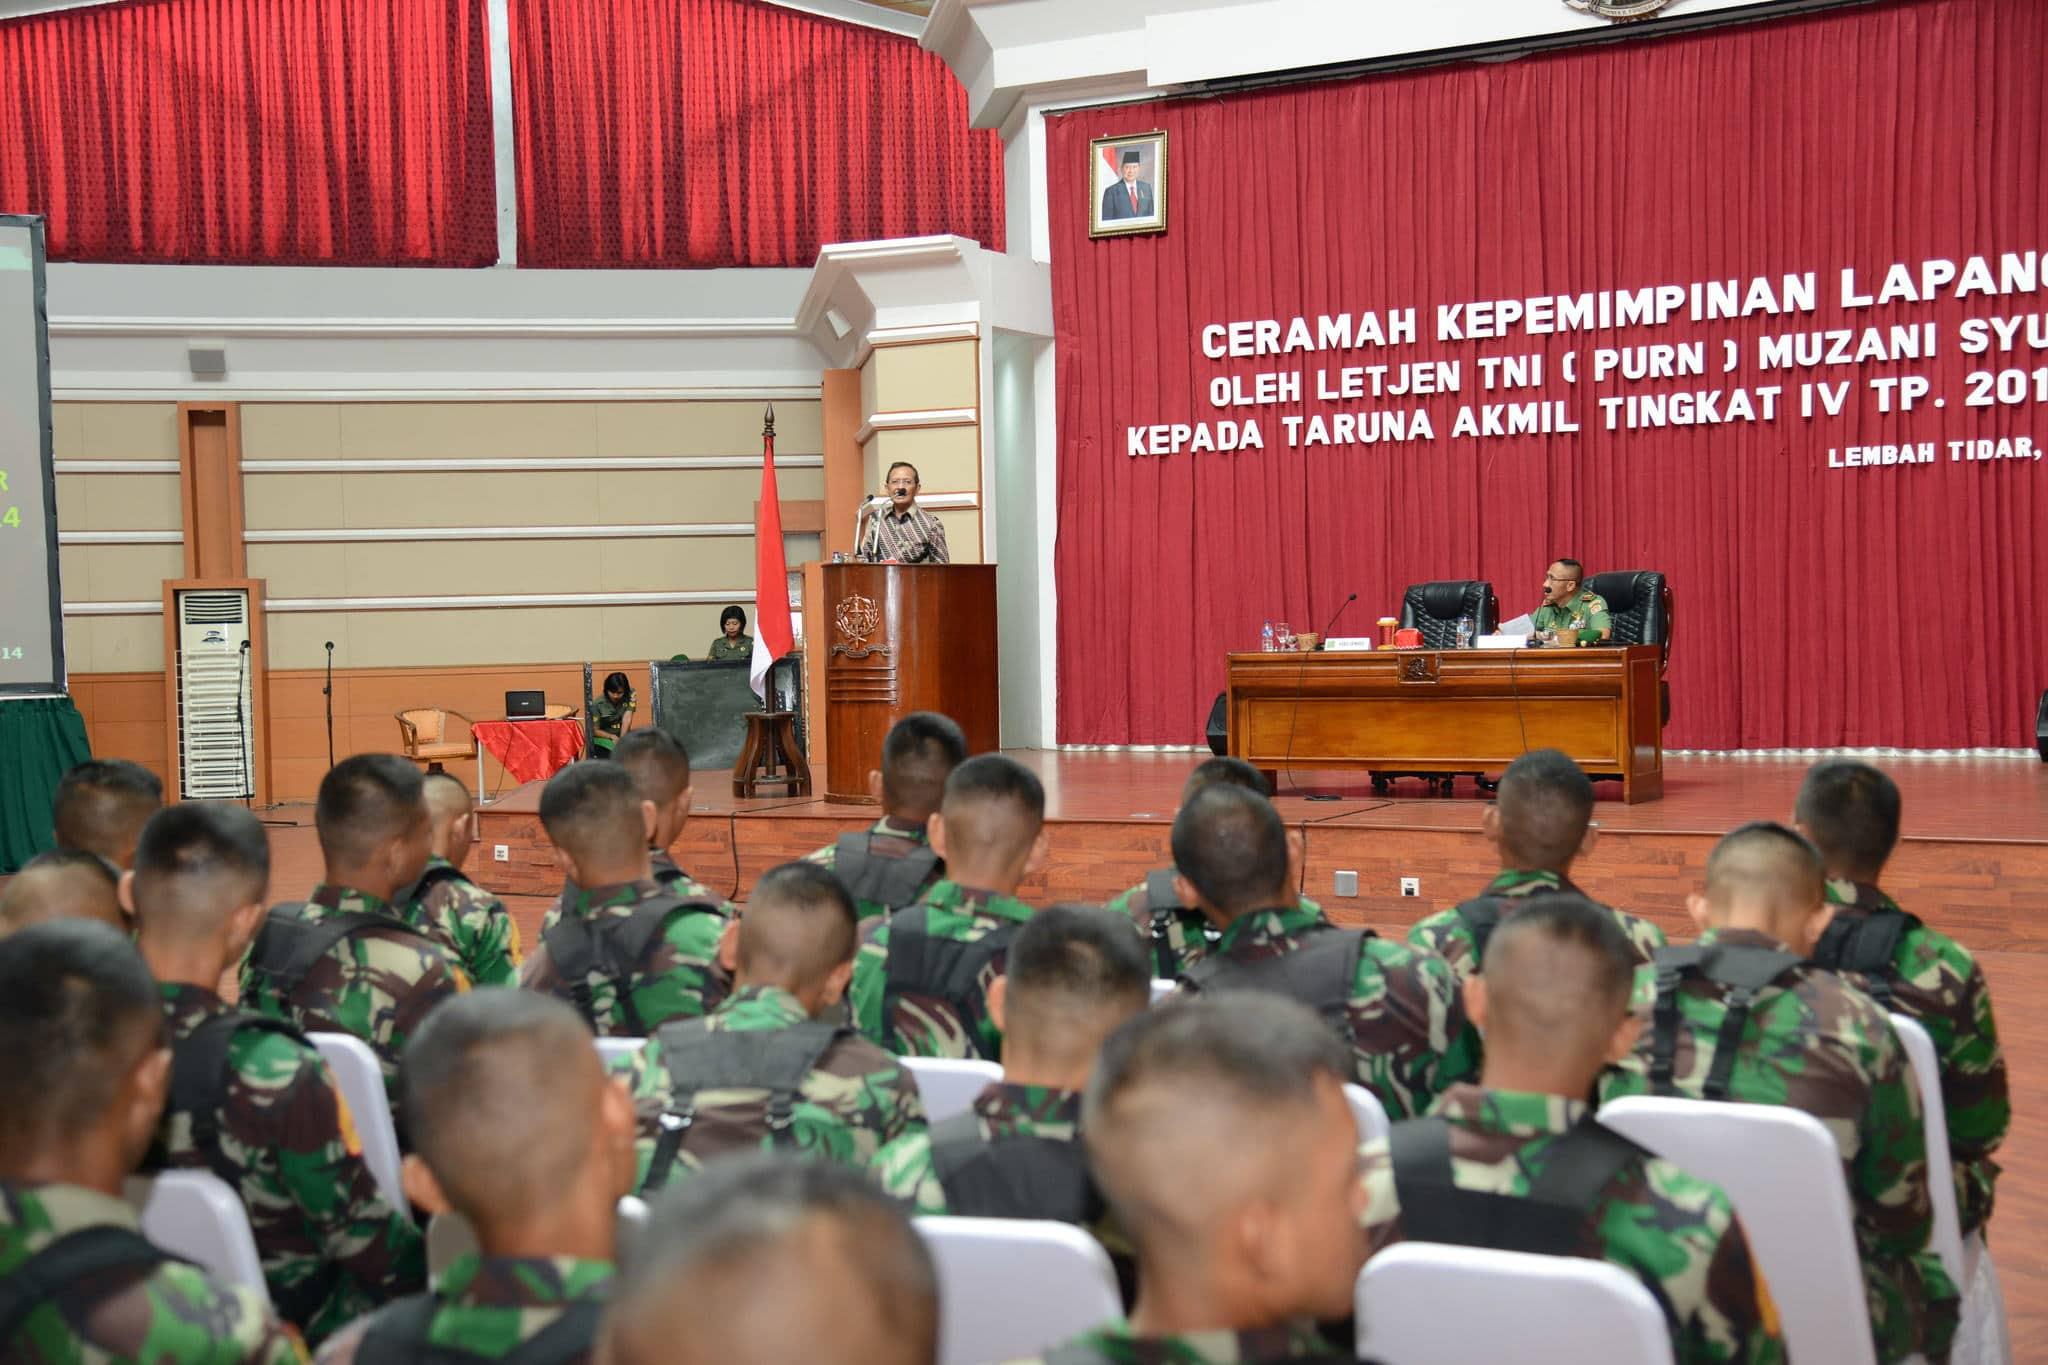 KEPEMIMPINAN TNI HARUS DIJIWAI SAPTA MARGA DAN SUMPAH PRAJURIT